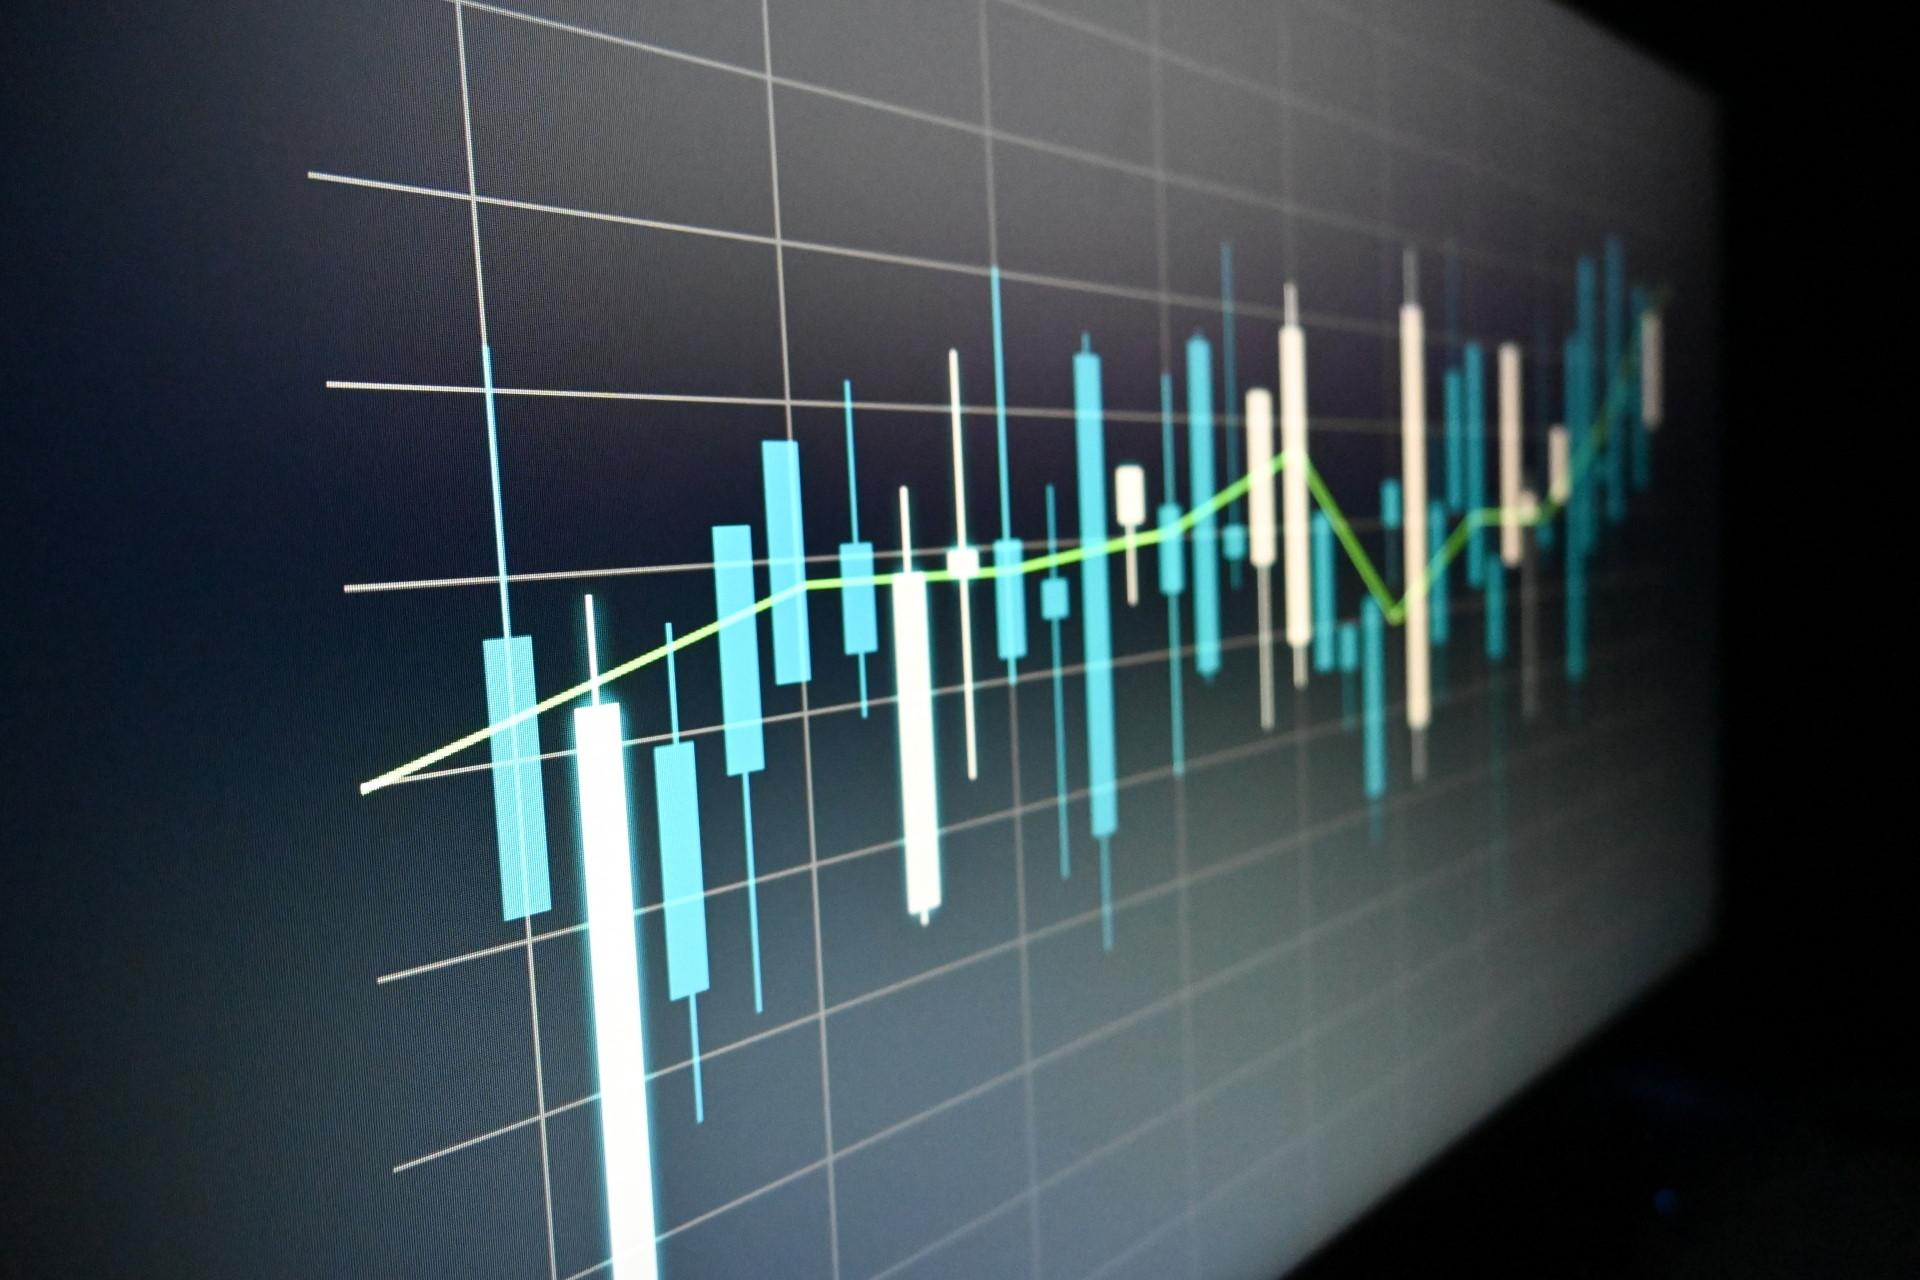 非上場会社の企業価値評価に有効な「類似(上場)会社比較法」とは